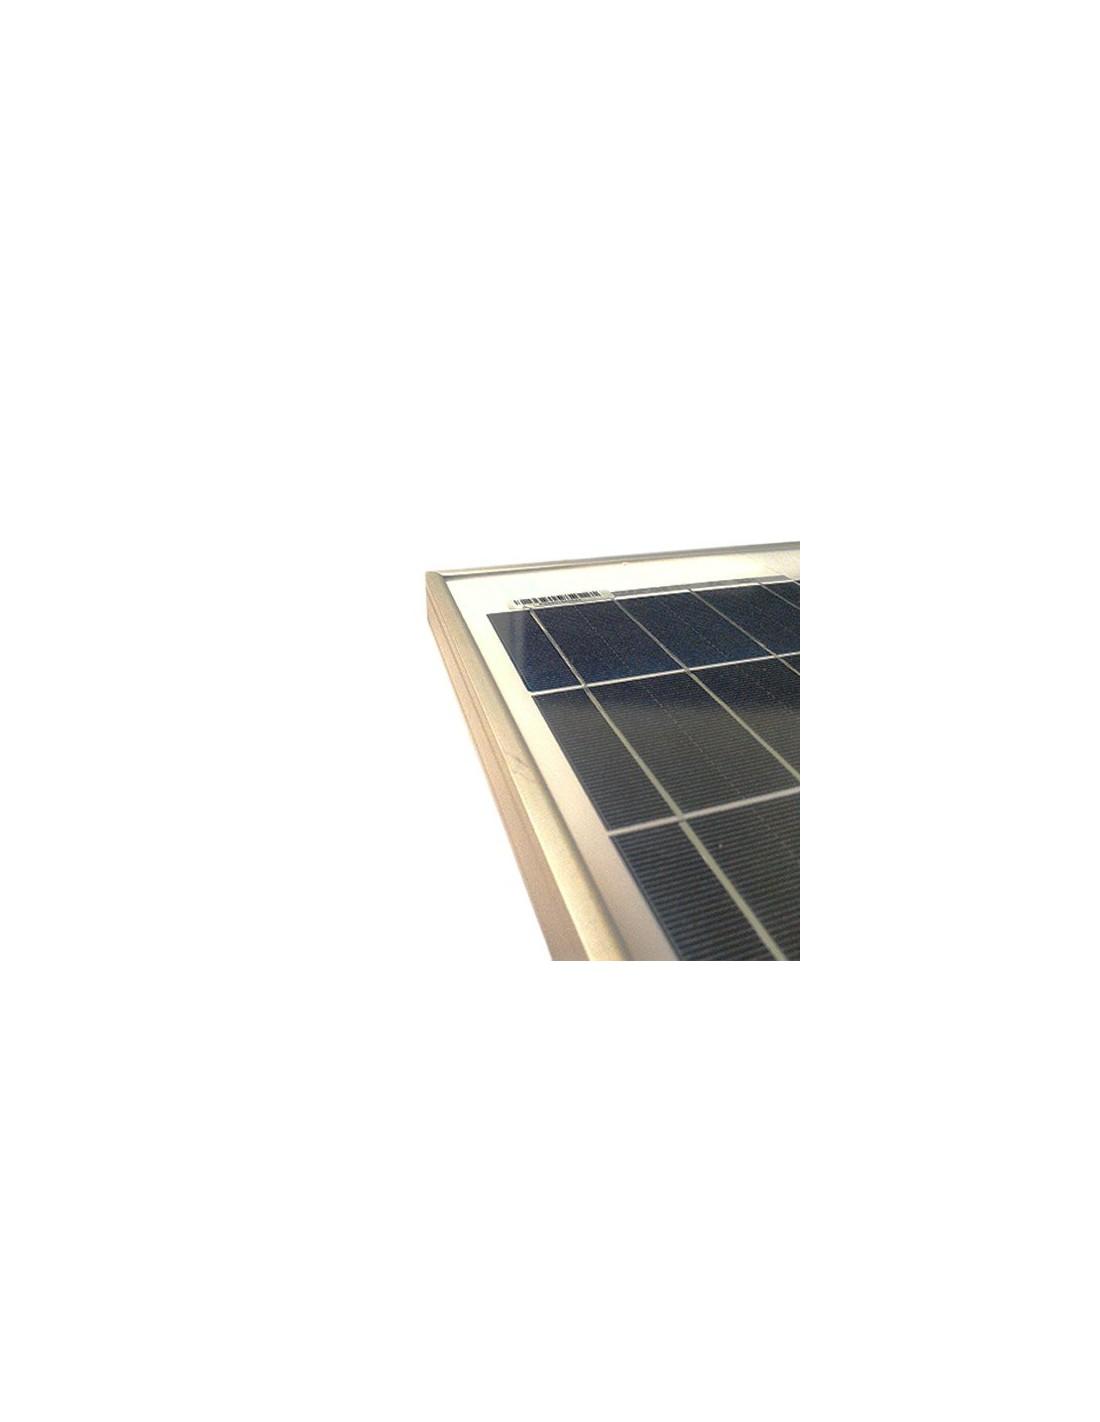 panneau solaire photovoltaique 10w 12v polycristallin roulottes bateaux chalet. Black Bedroom Furniture Sets. Home Design Ideas